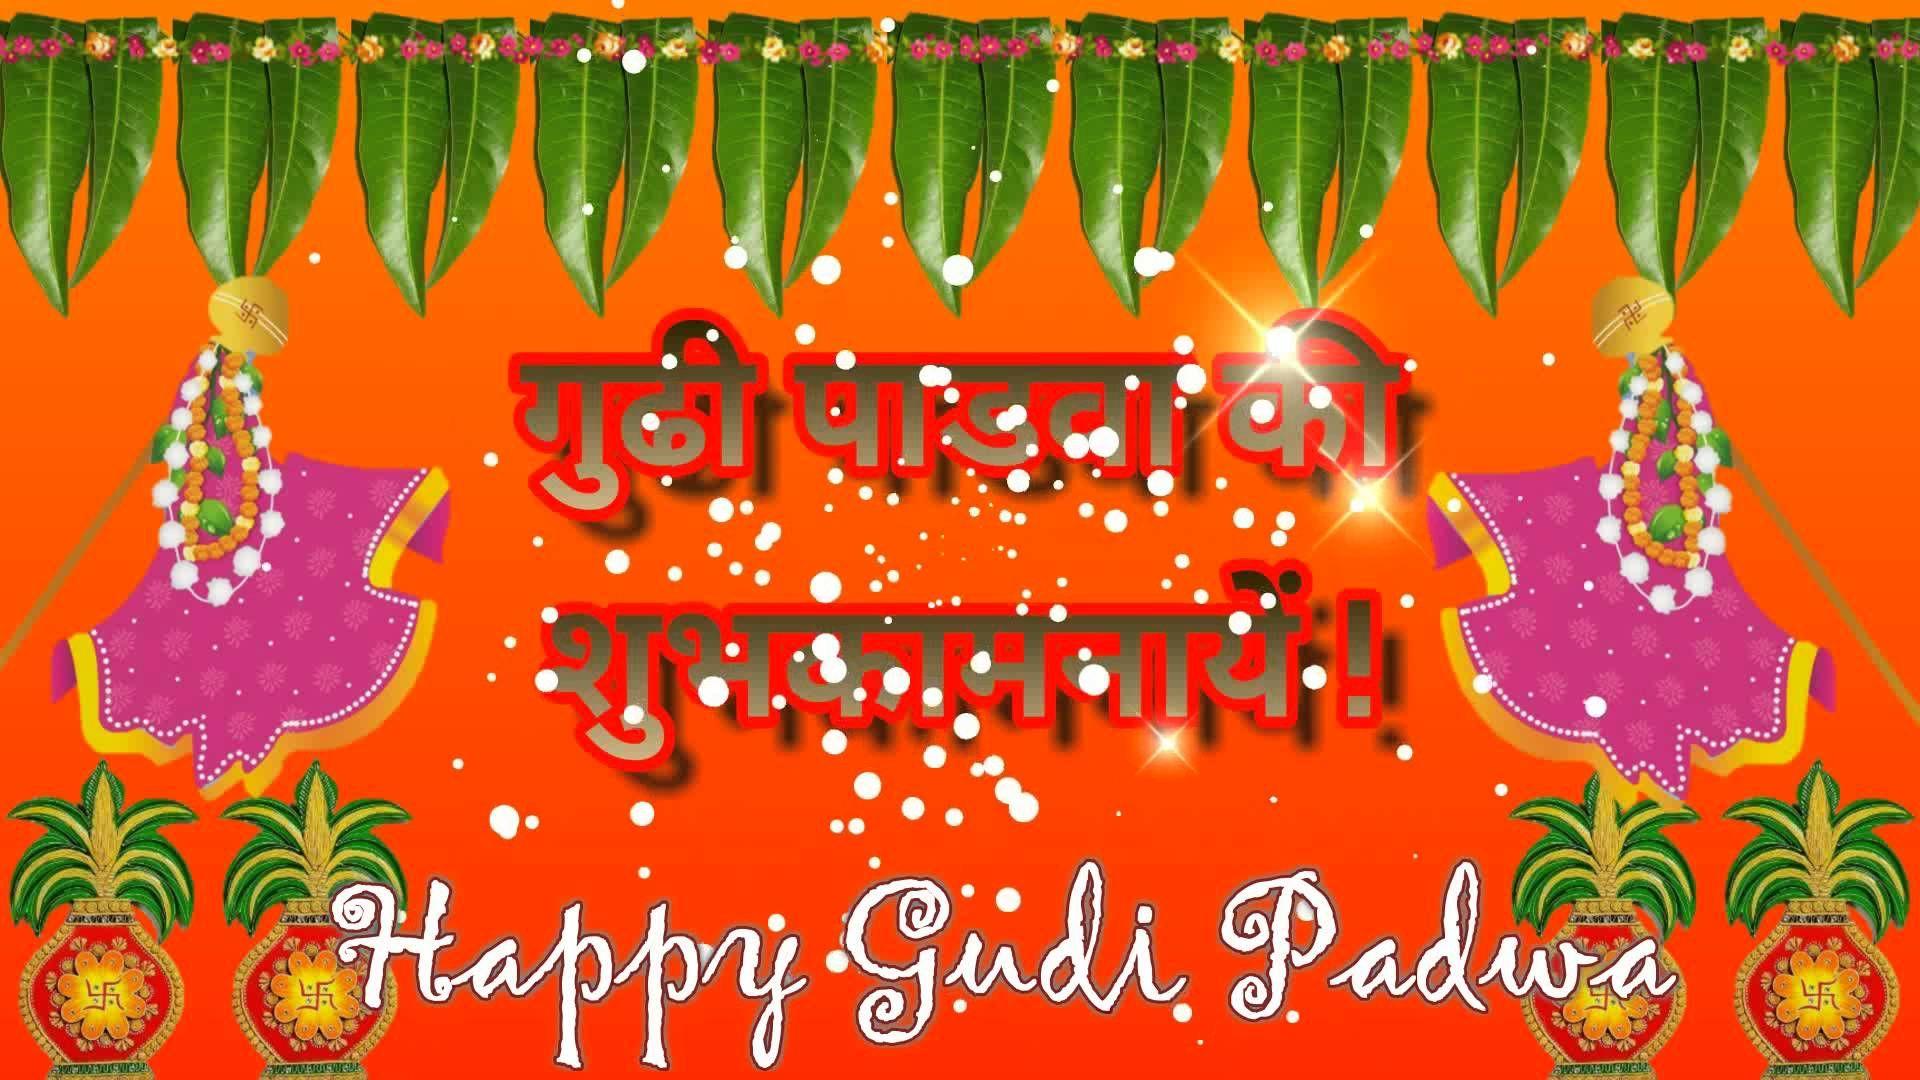 Happy Gudi Padwa Wishes Happy Gudi Padwa 2017 Gudi Padwa Video